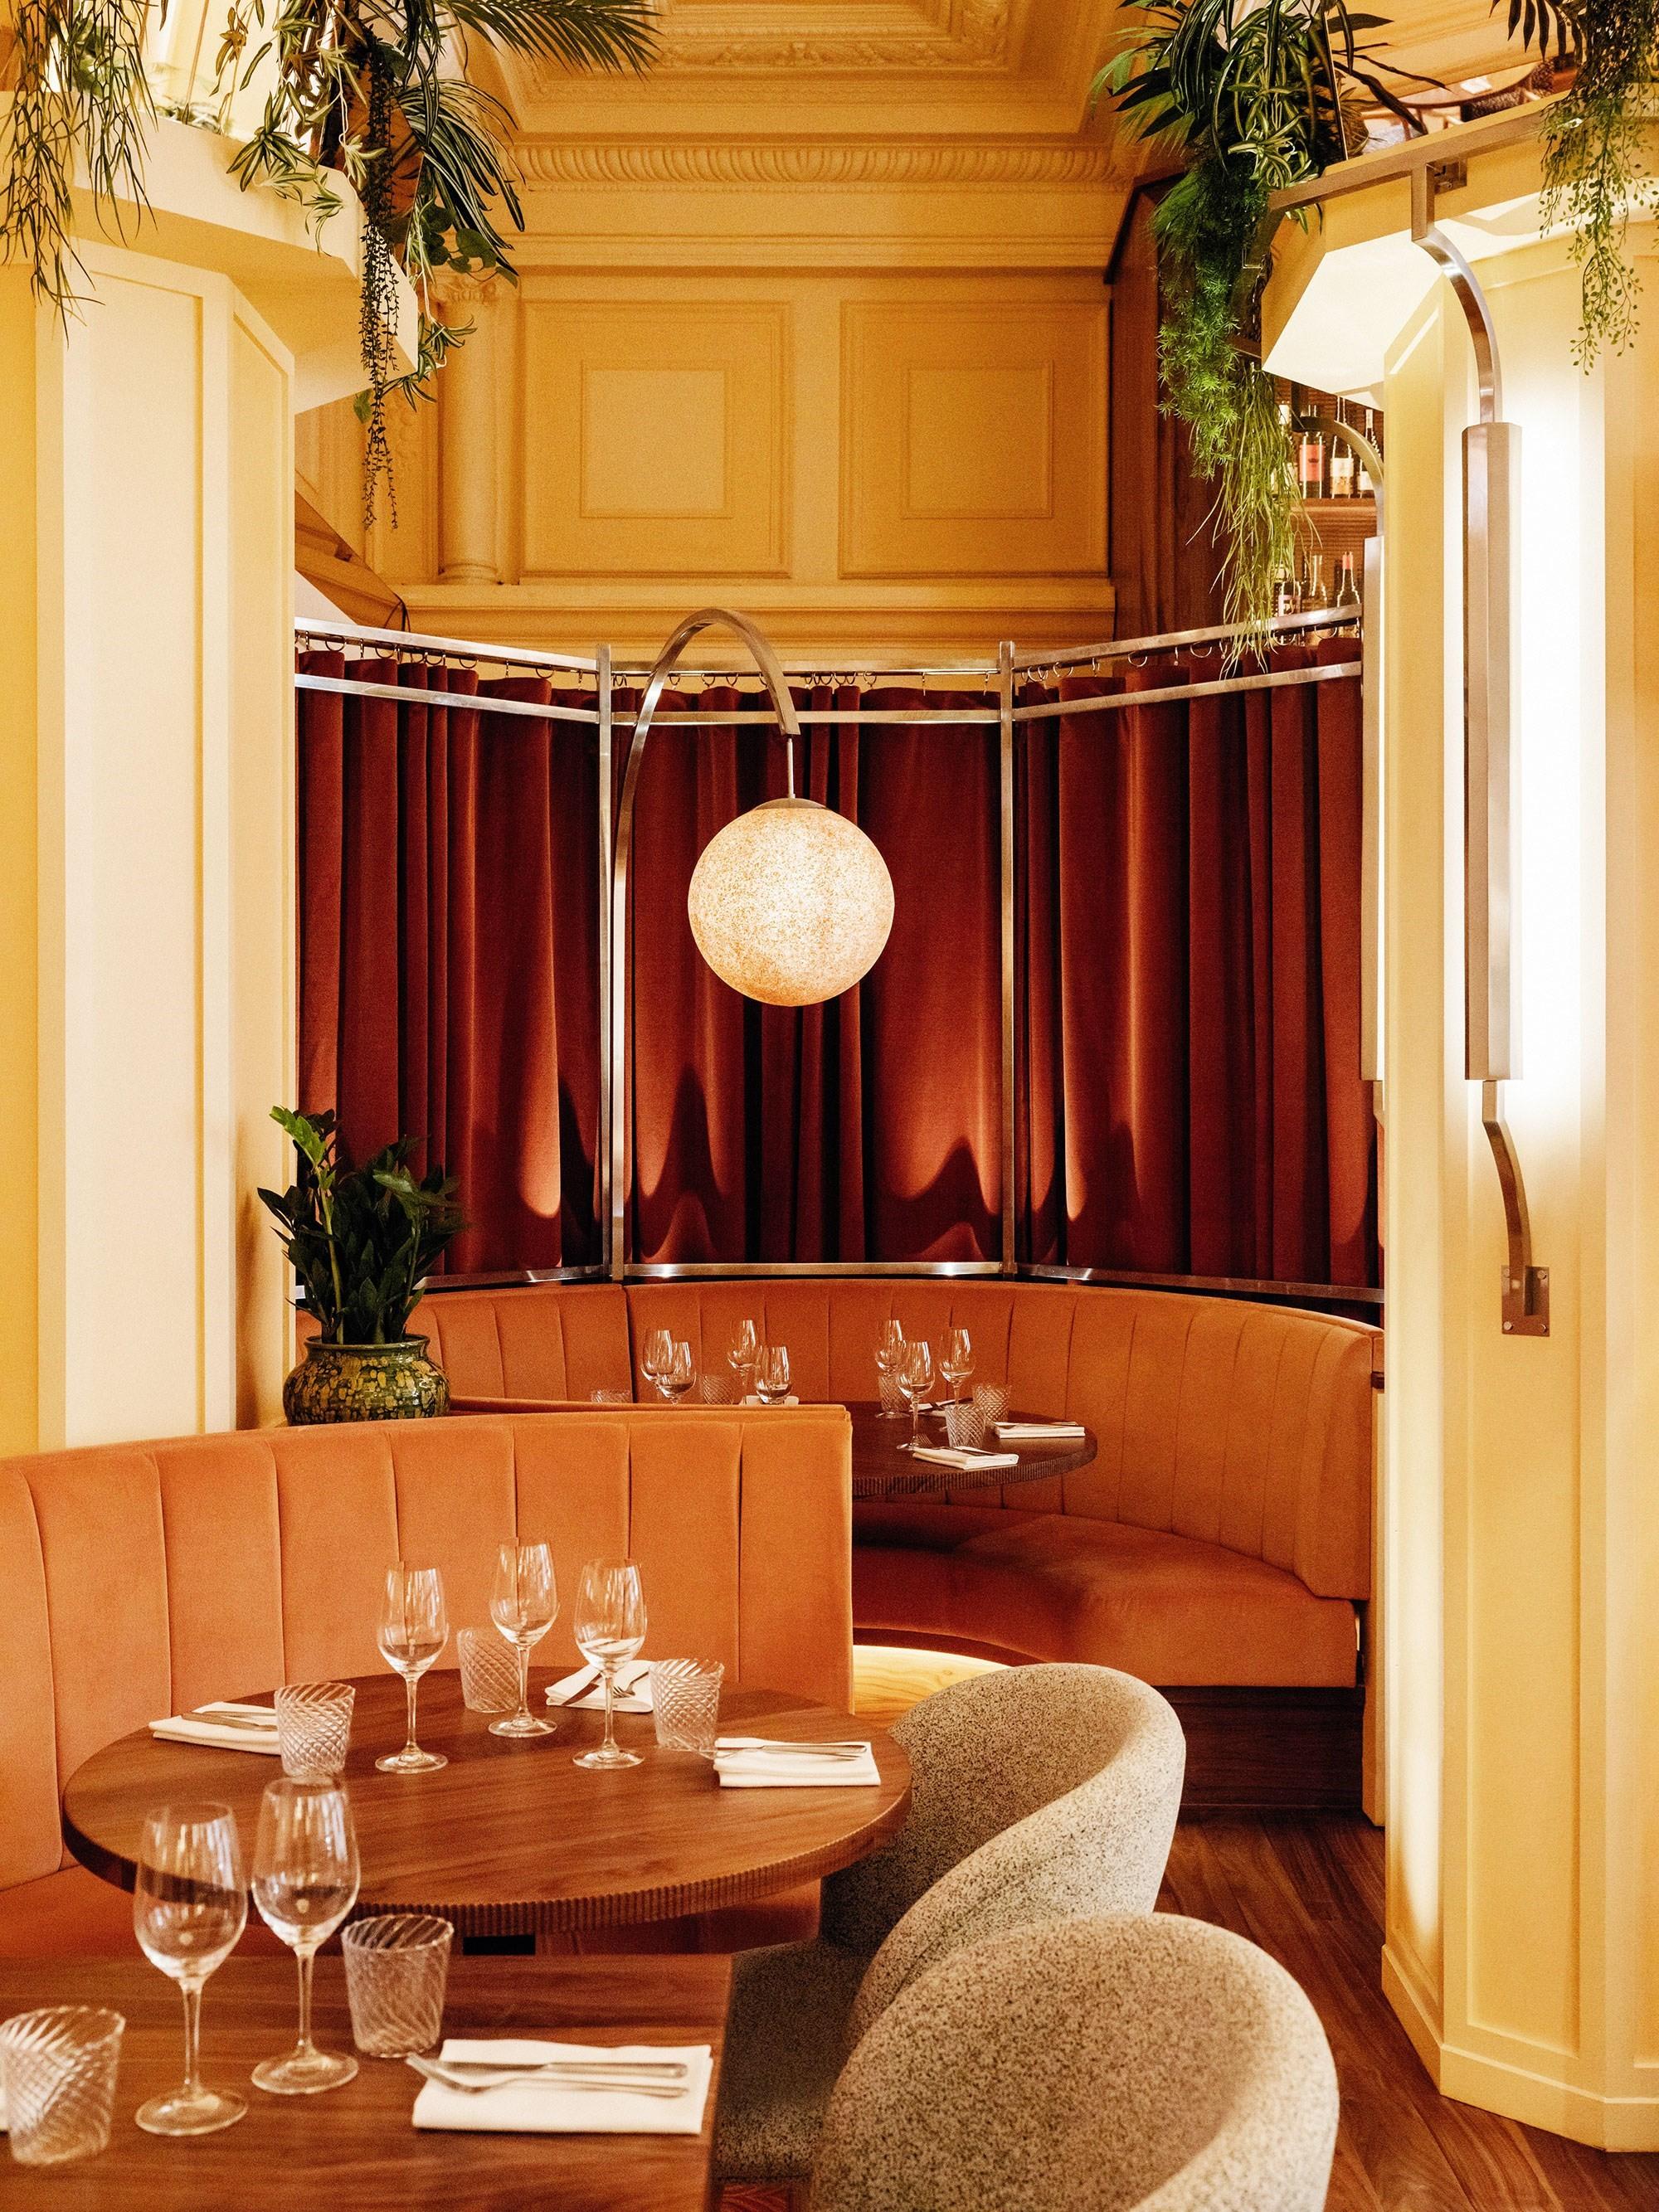 Il Neptune e l'Annabel's: i ristoranti più belli di Londra | Collater.al